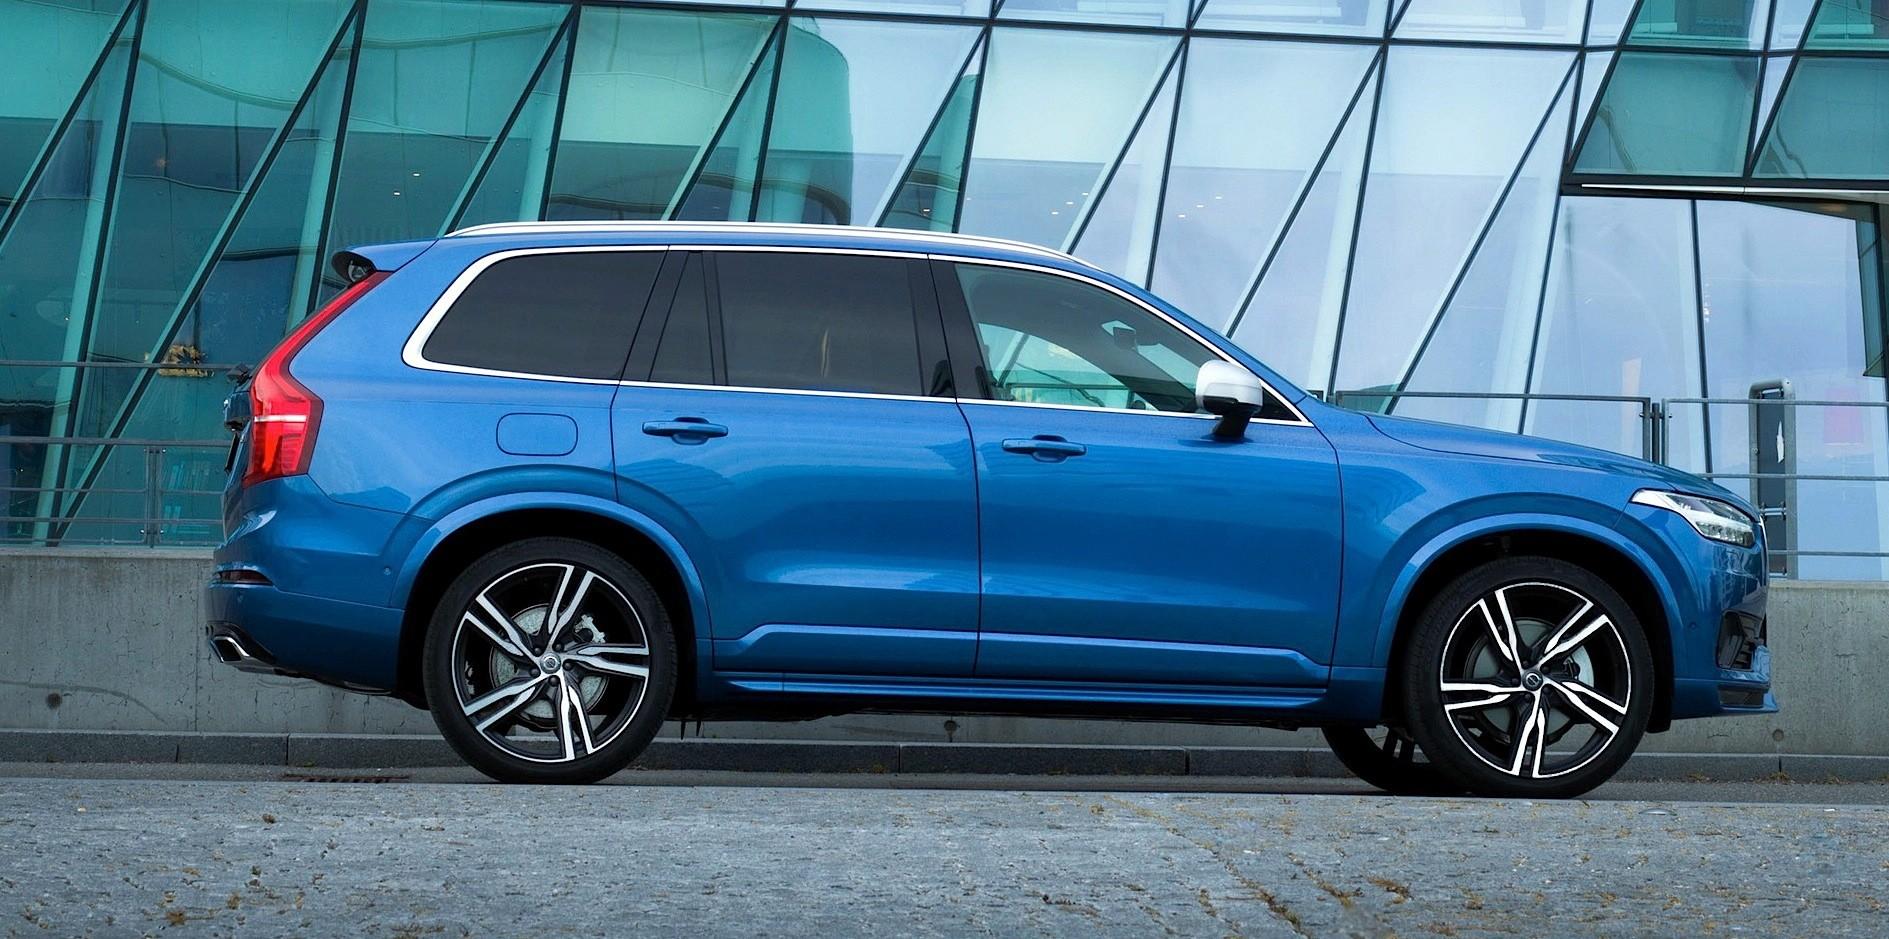 2016 Volvo XC90 R-Design Shows More Aggressive Design and ...